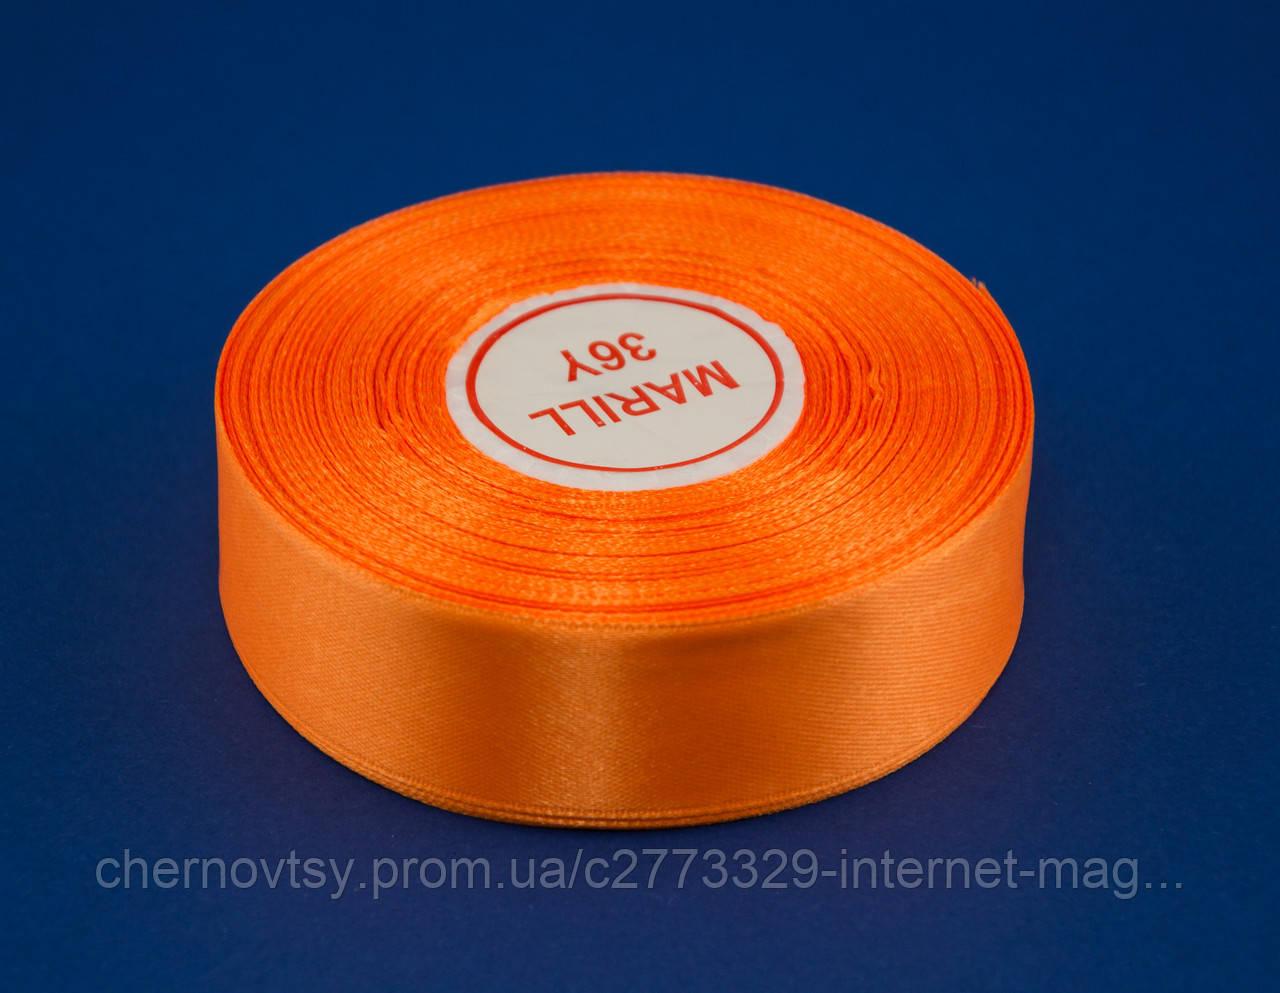 Стрічка атлас 1.2 см, 33 м, № 151 Світло-помаранчева